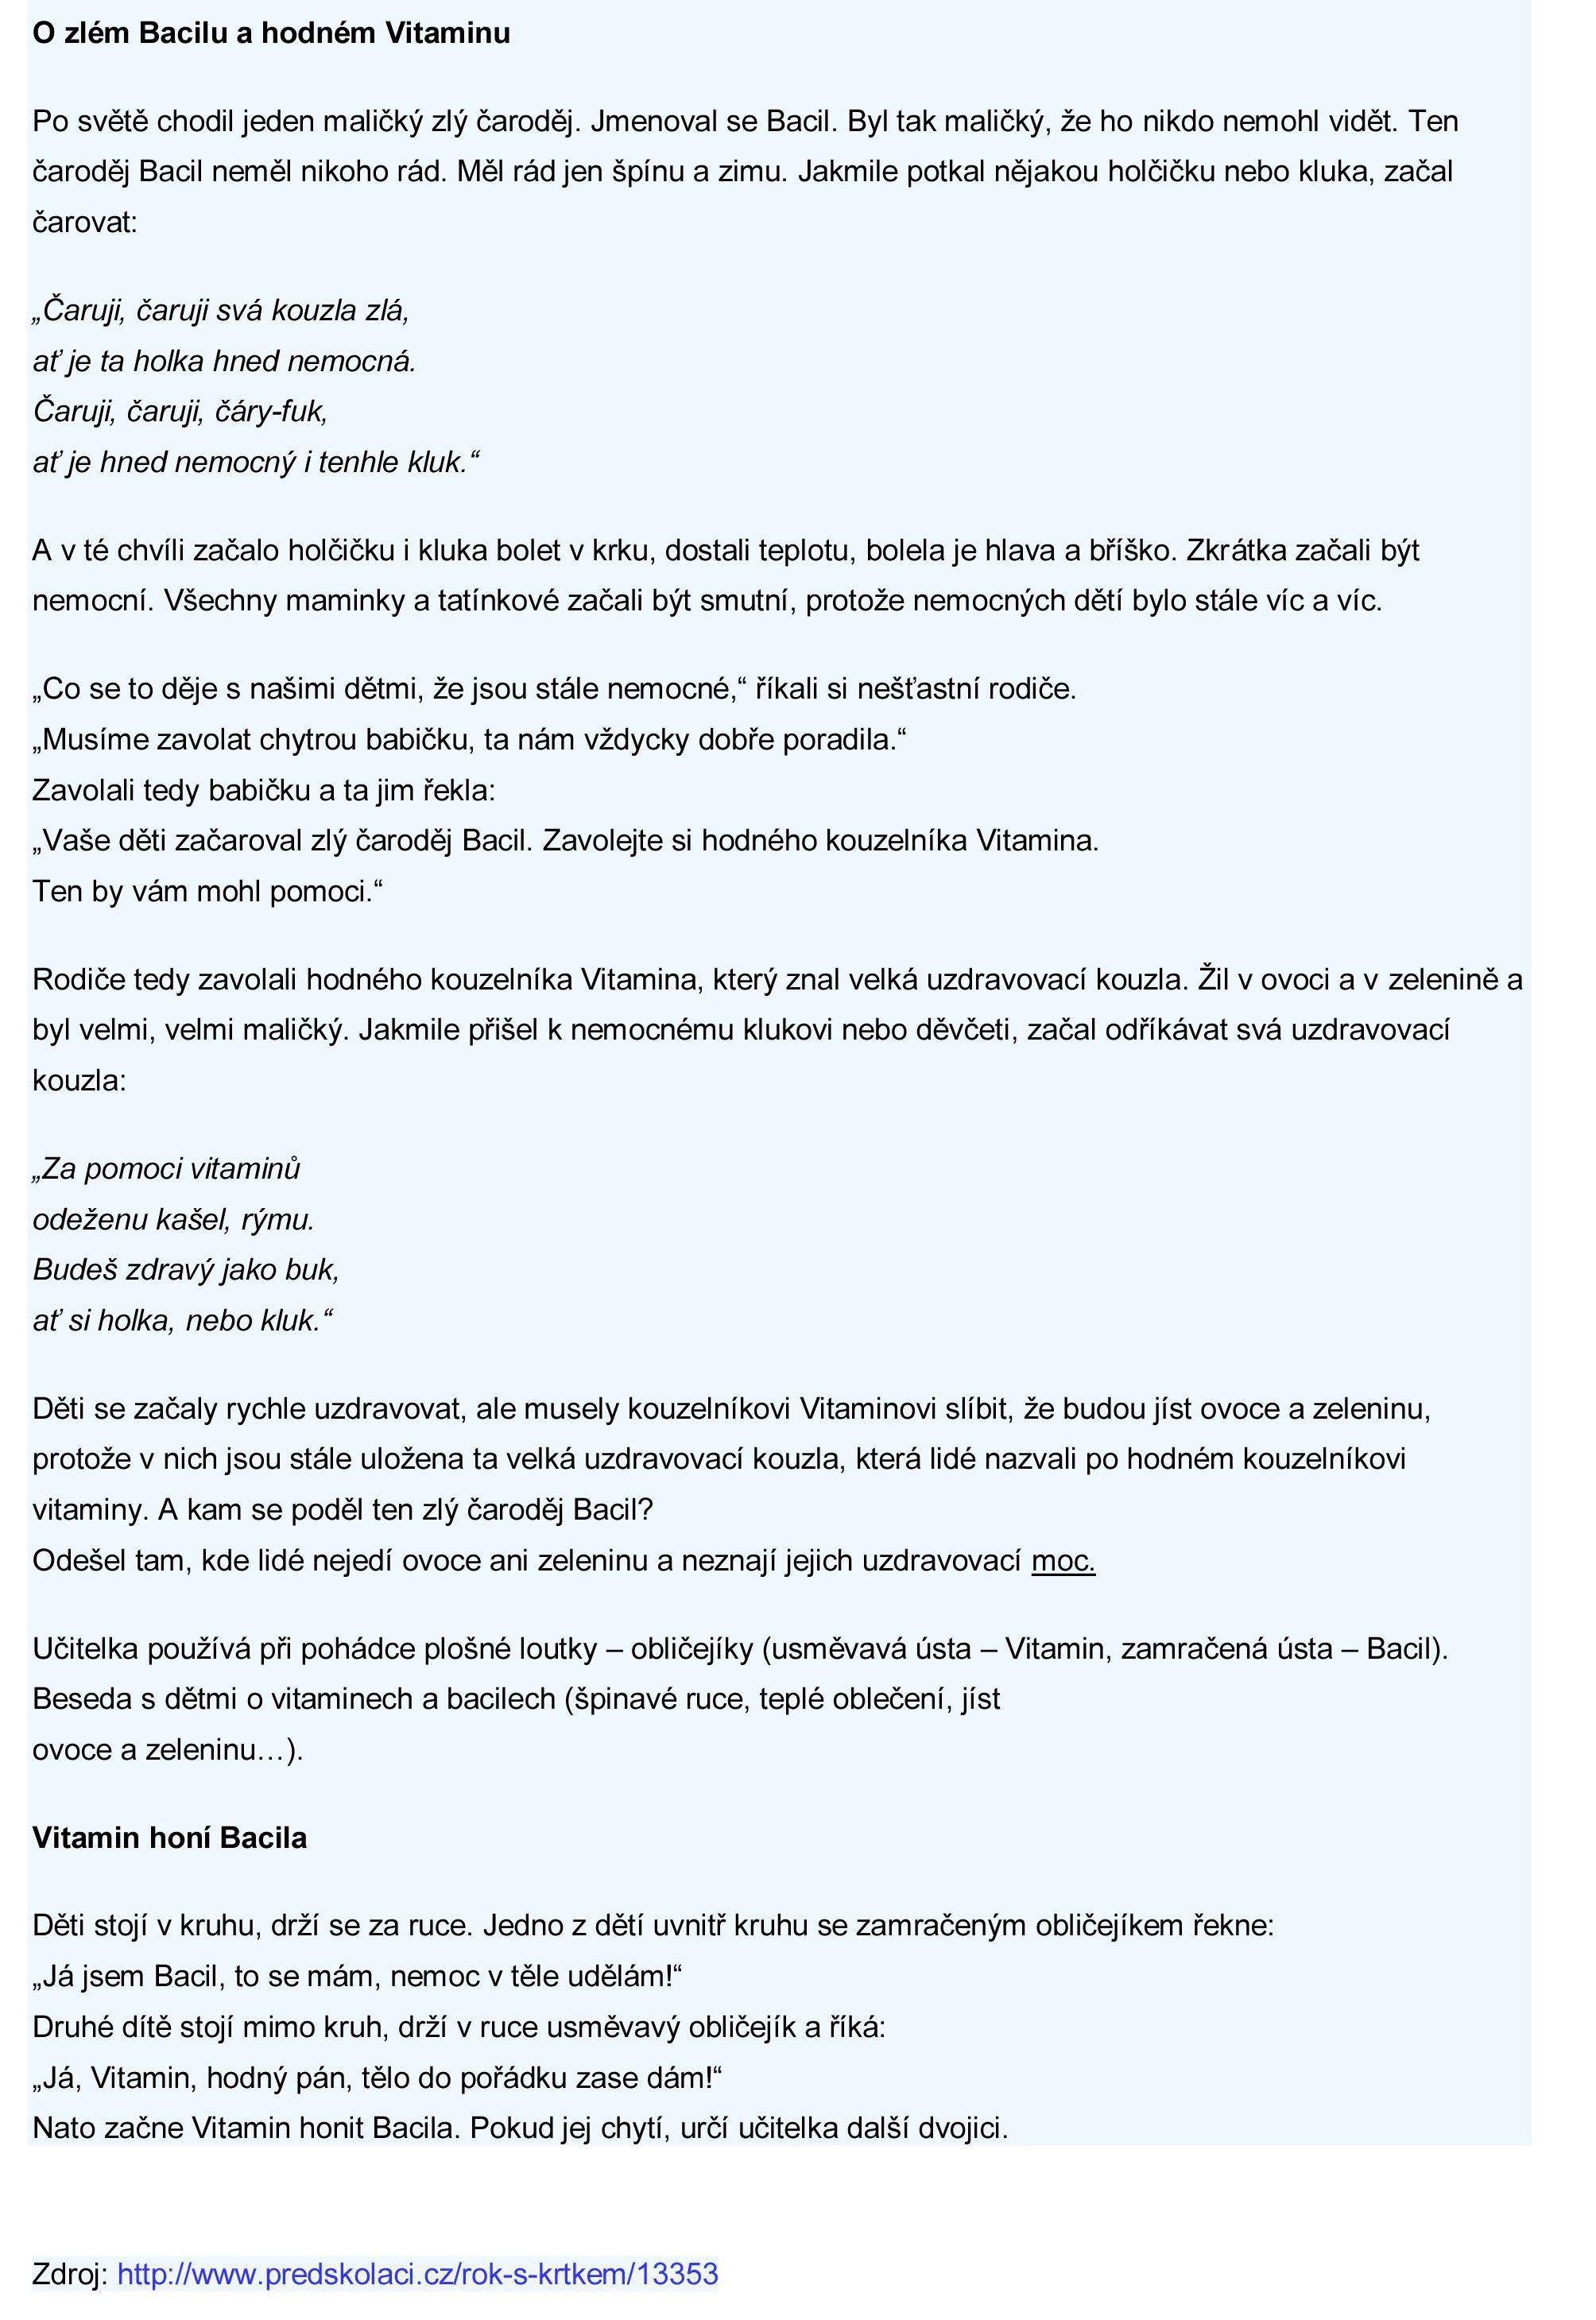 O zlém bacilu a hodném Vitamínu - pohádka | Říkanky, básničky ...